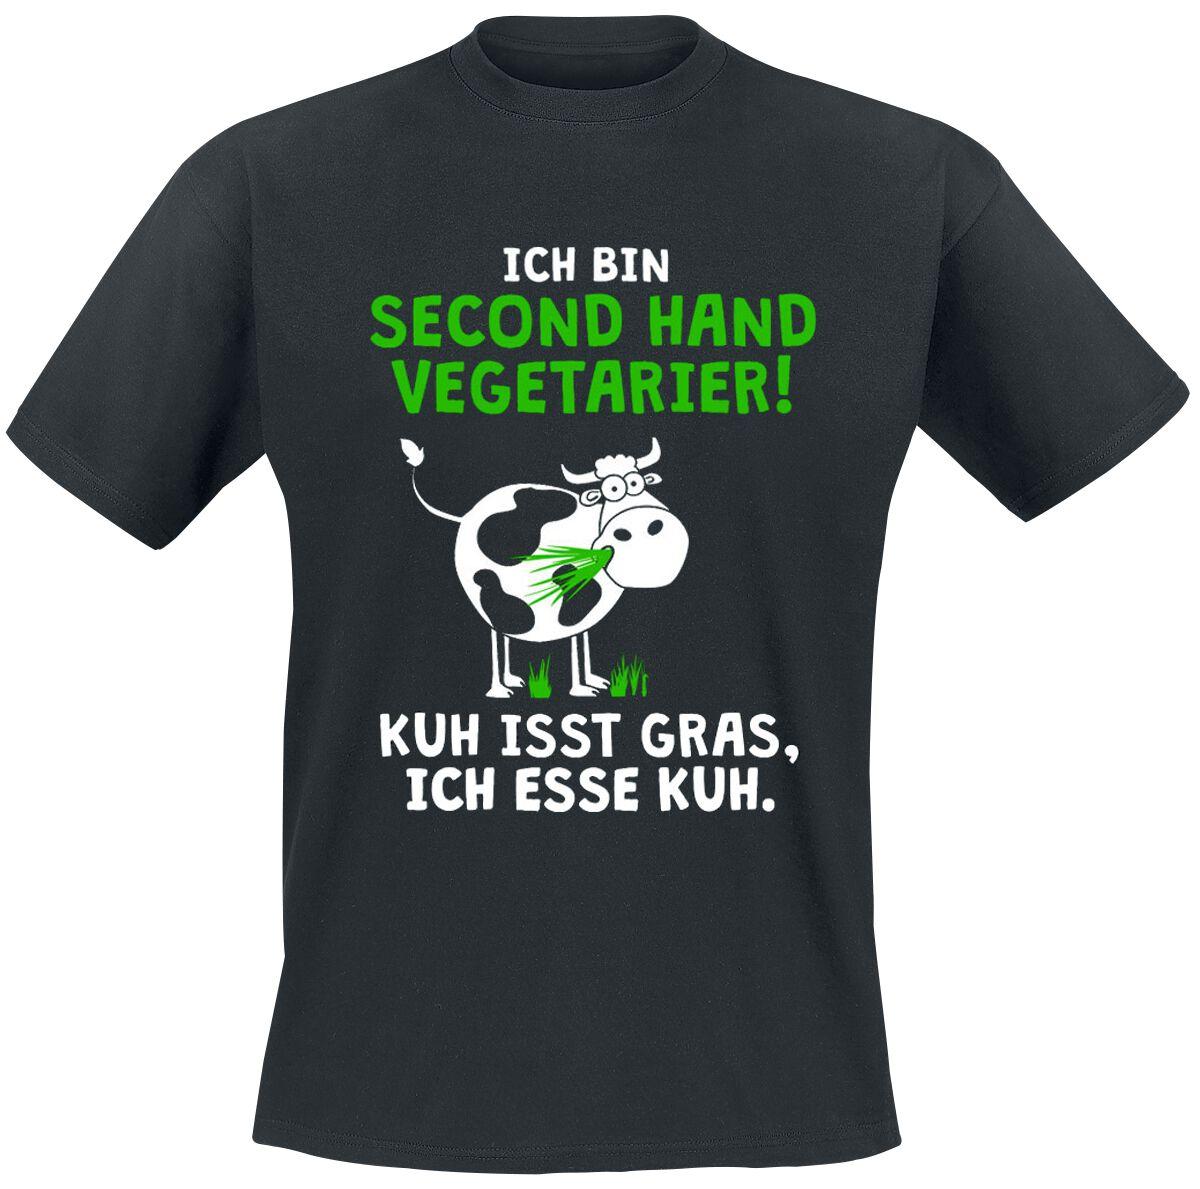 vegetarier online dating